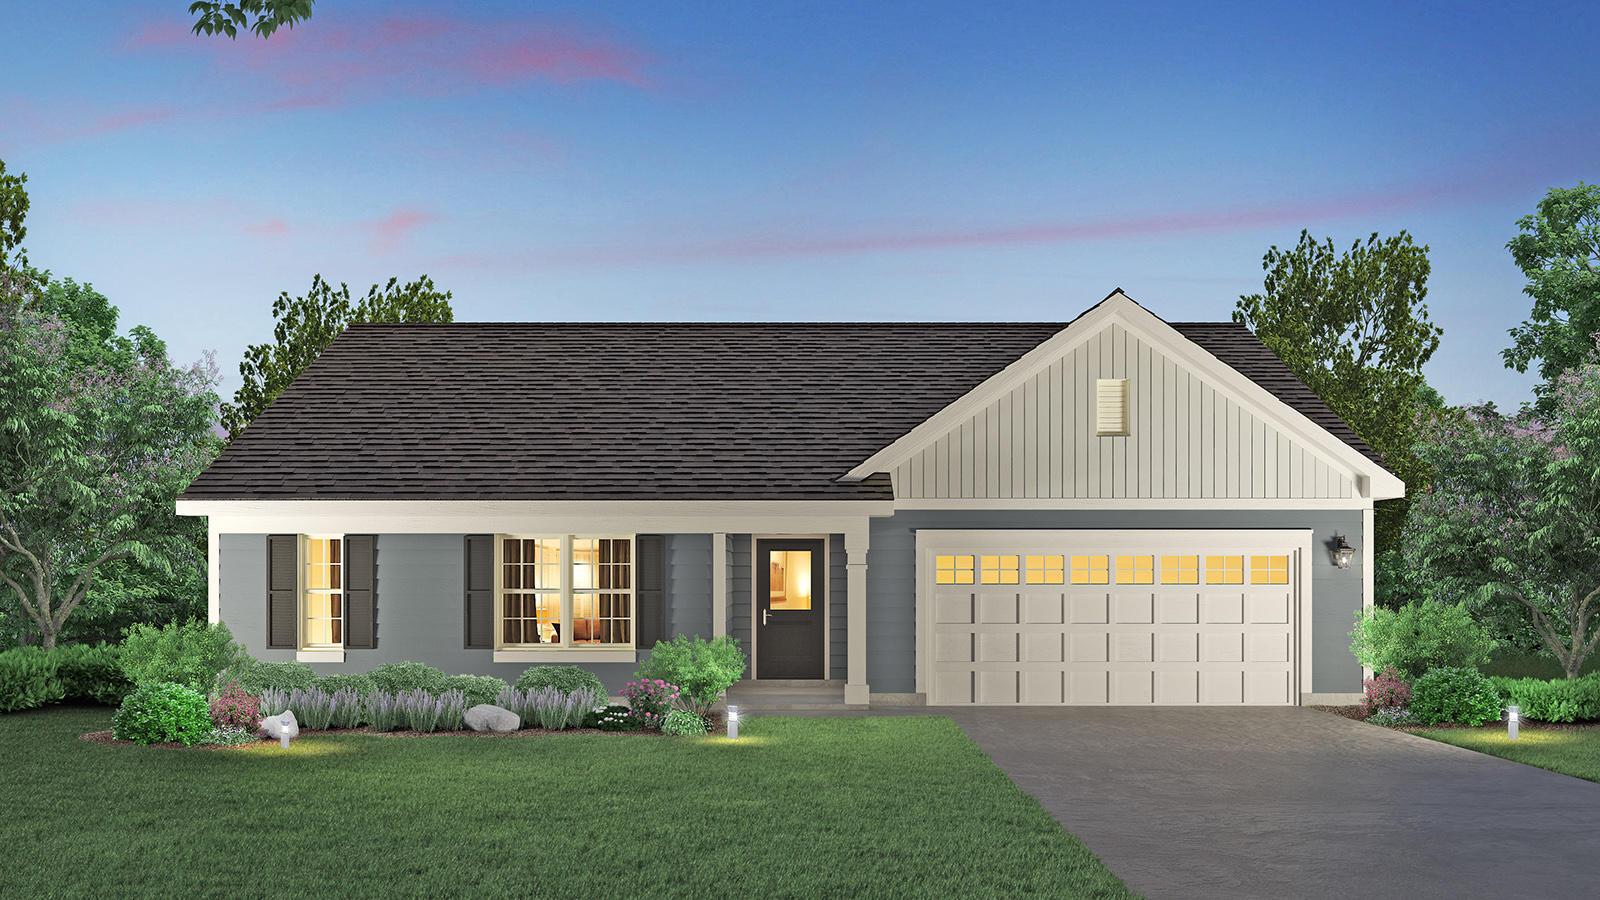 New Lenox Illinois >> 974 Redcliff Rd New Lenox Il 60451 3 Bed 2 Bath Single Family Home Trulia